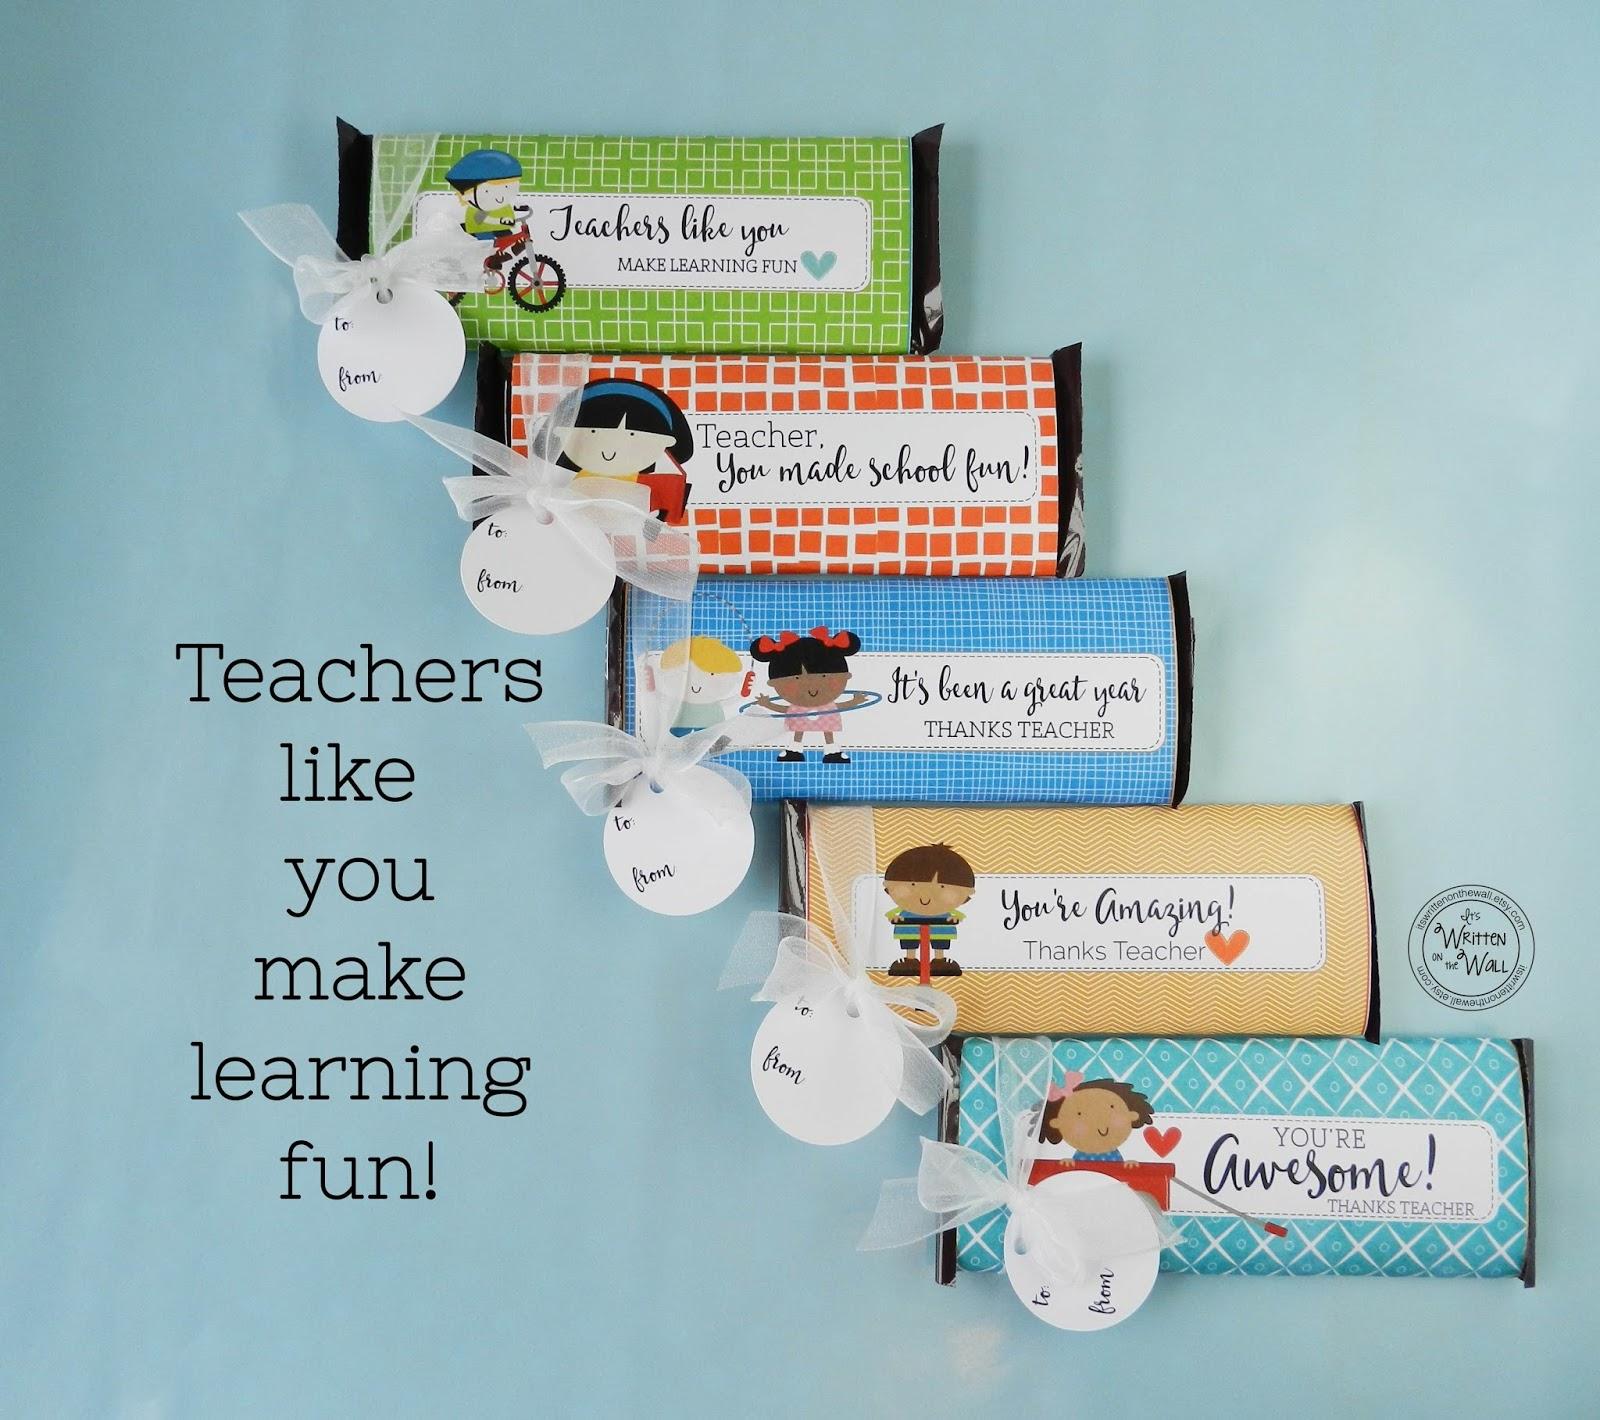 It's Written on the Wall: Teacher Appreciation Gift Ideas